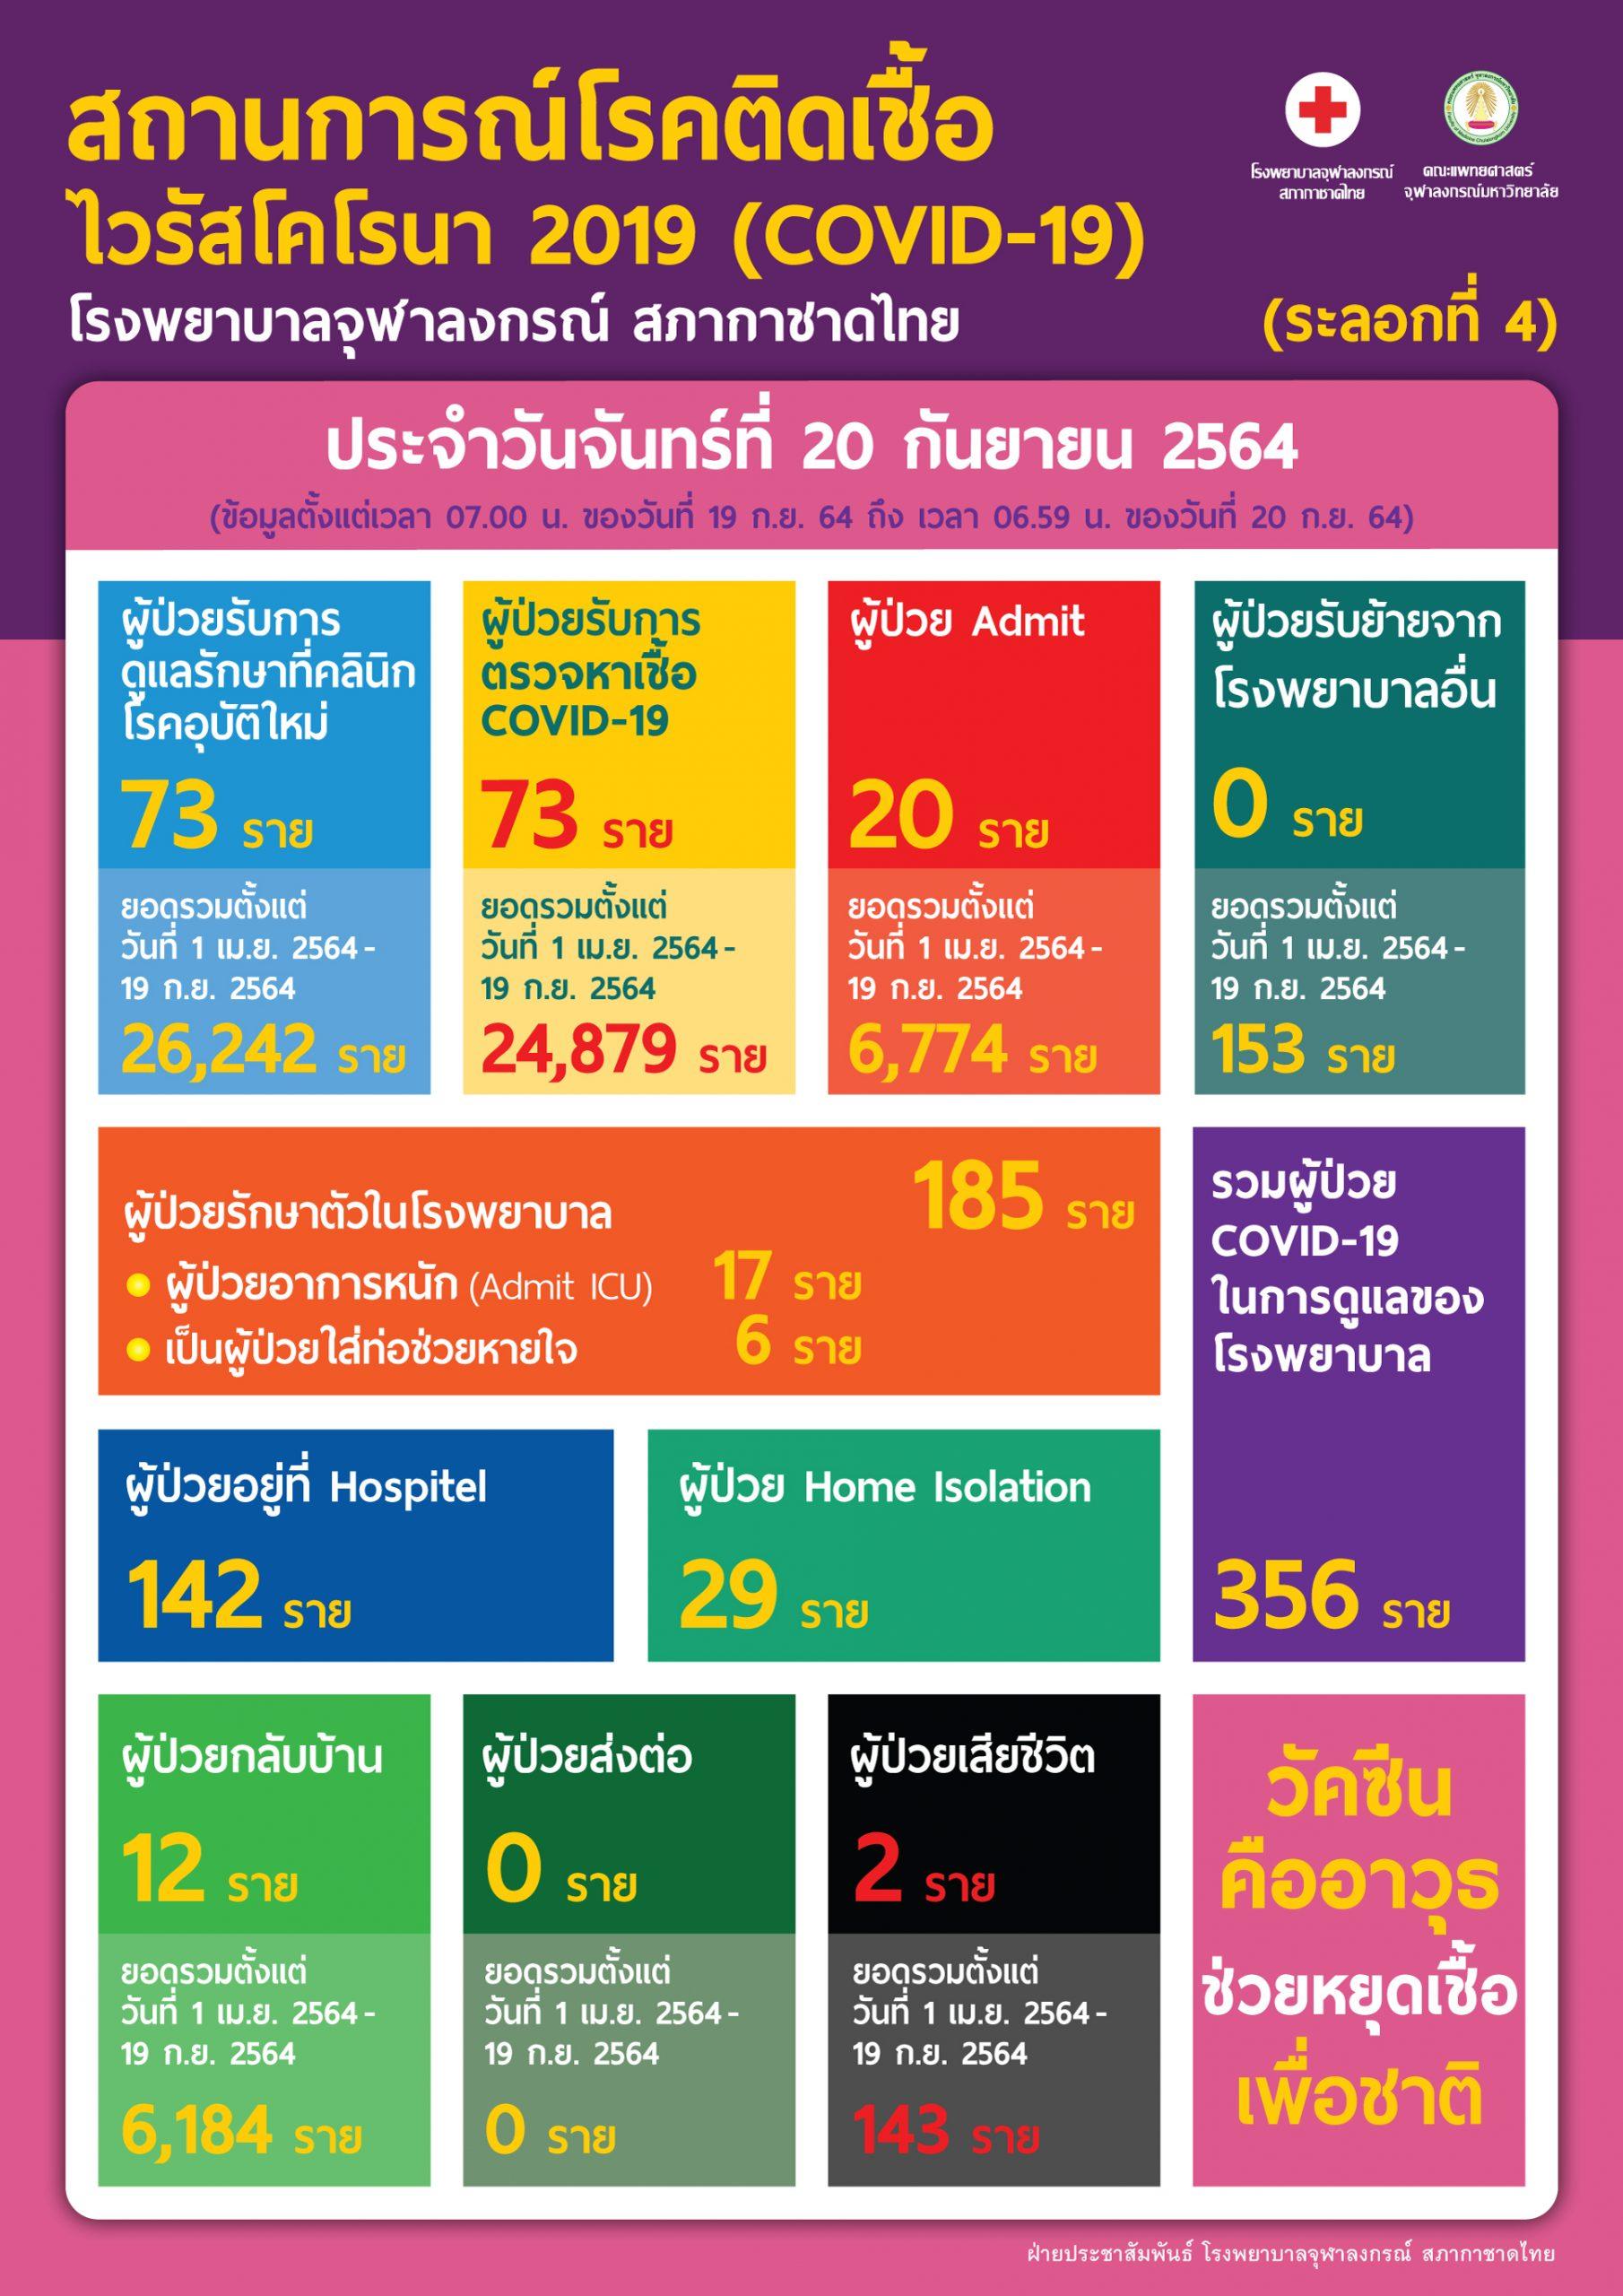 สถานการณ์โรคติดเชื้อไวรัสโคโรนา 2019 (COVID-19) (ระลอกที่ 4) โรงพยาบาลจุฬาลงกรณ์ สภากาชาดไทย  ประจำวันจันทร์ที่ 20 กันยายน 2564